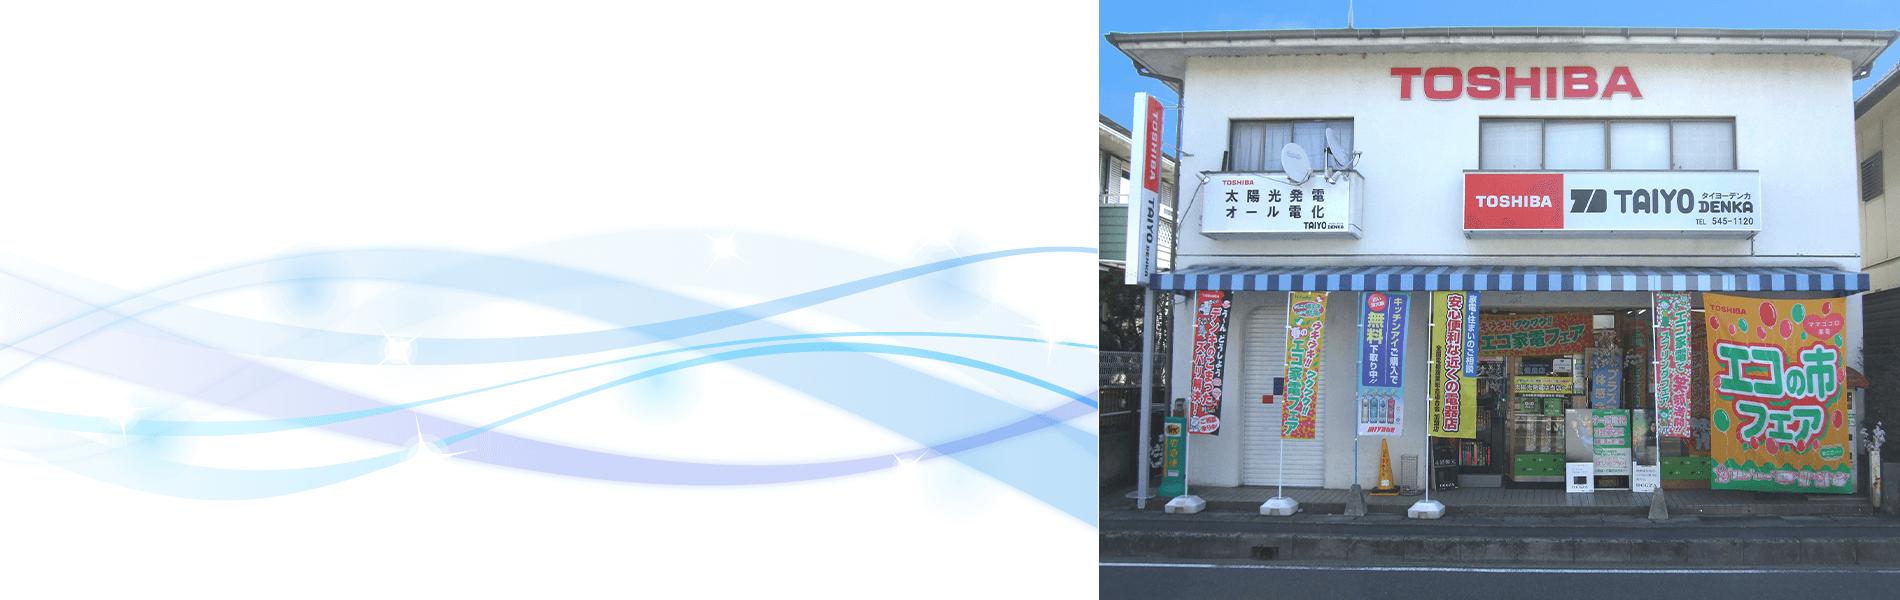 瀬田にある街の電気屋さんです